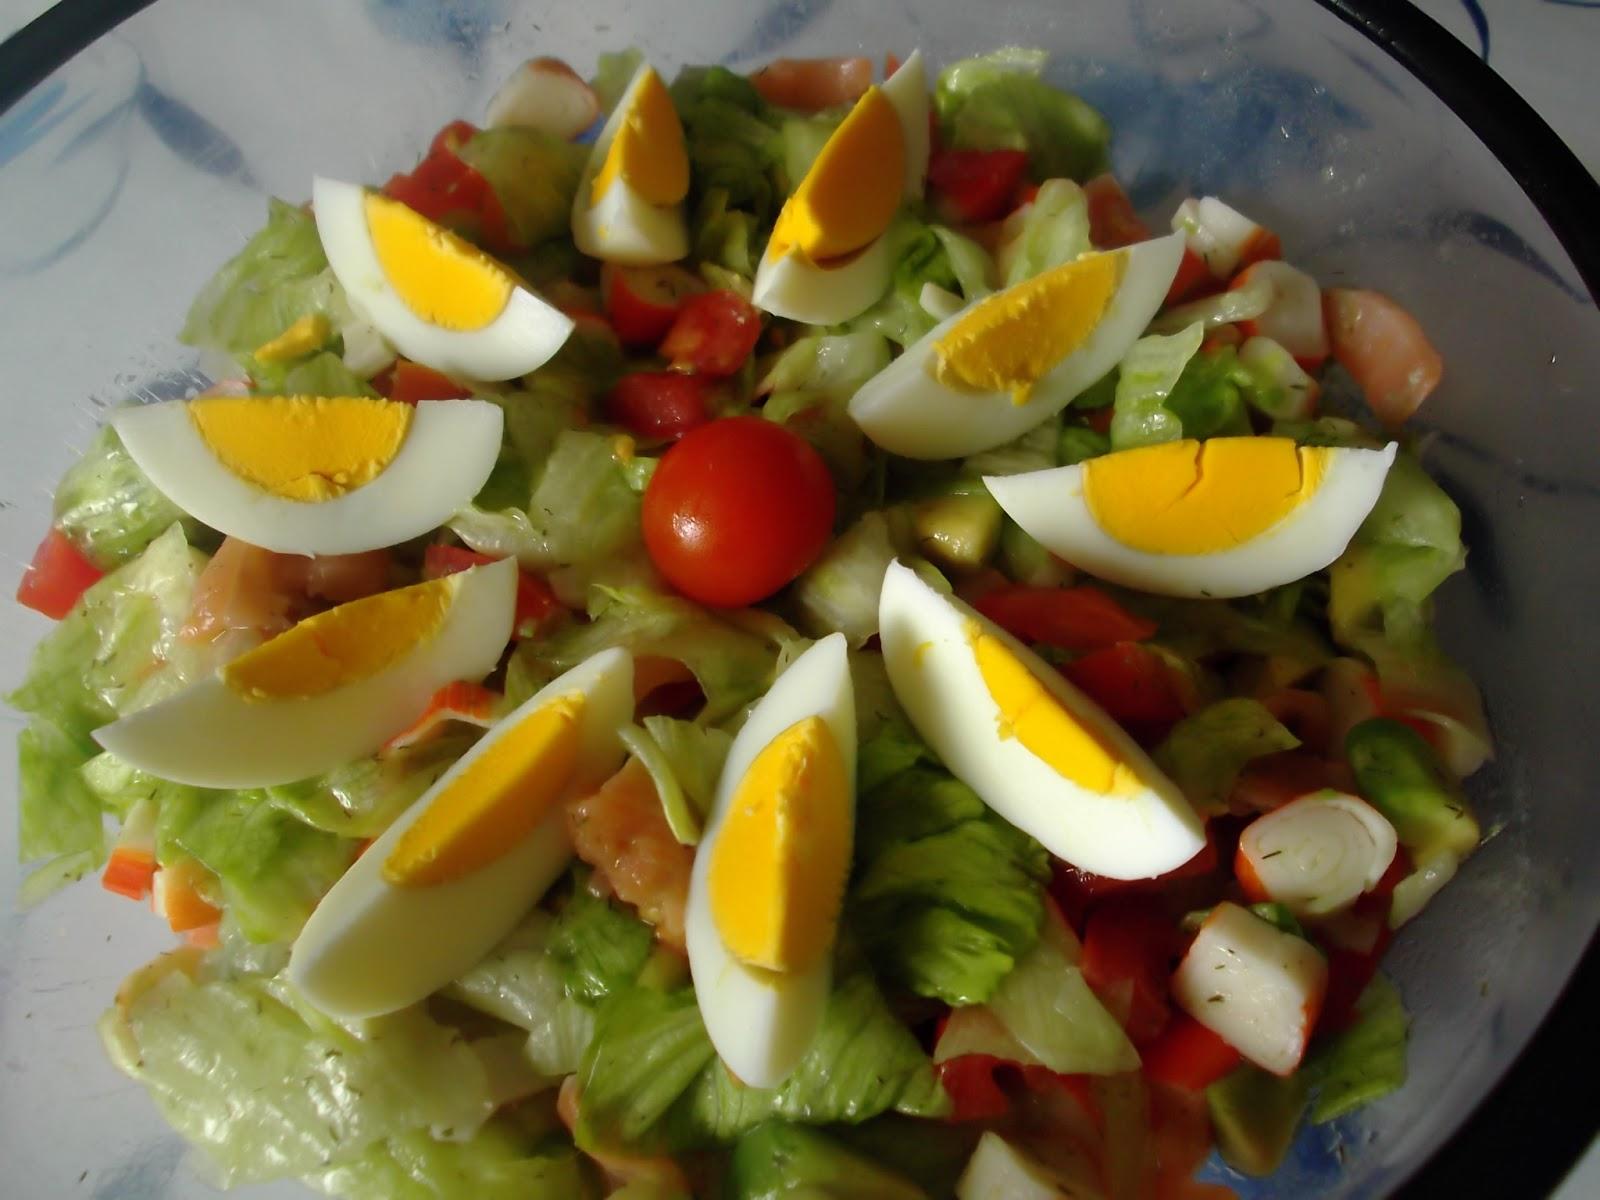 Hoy cocinamos ensalada de salm n y aguacate - Ensalada salmon y aguacate ...